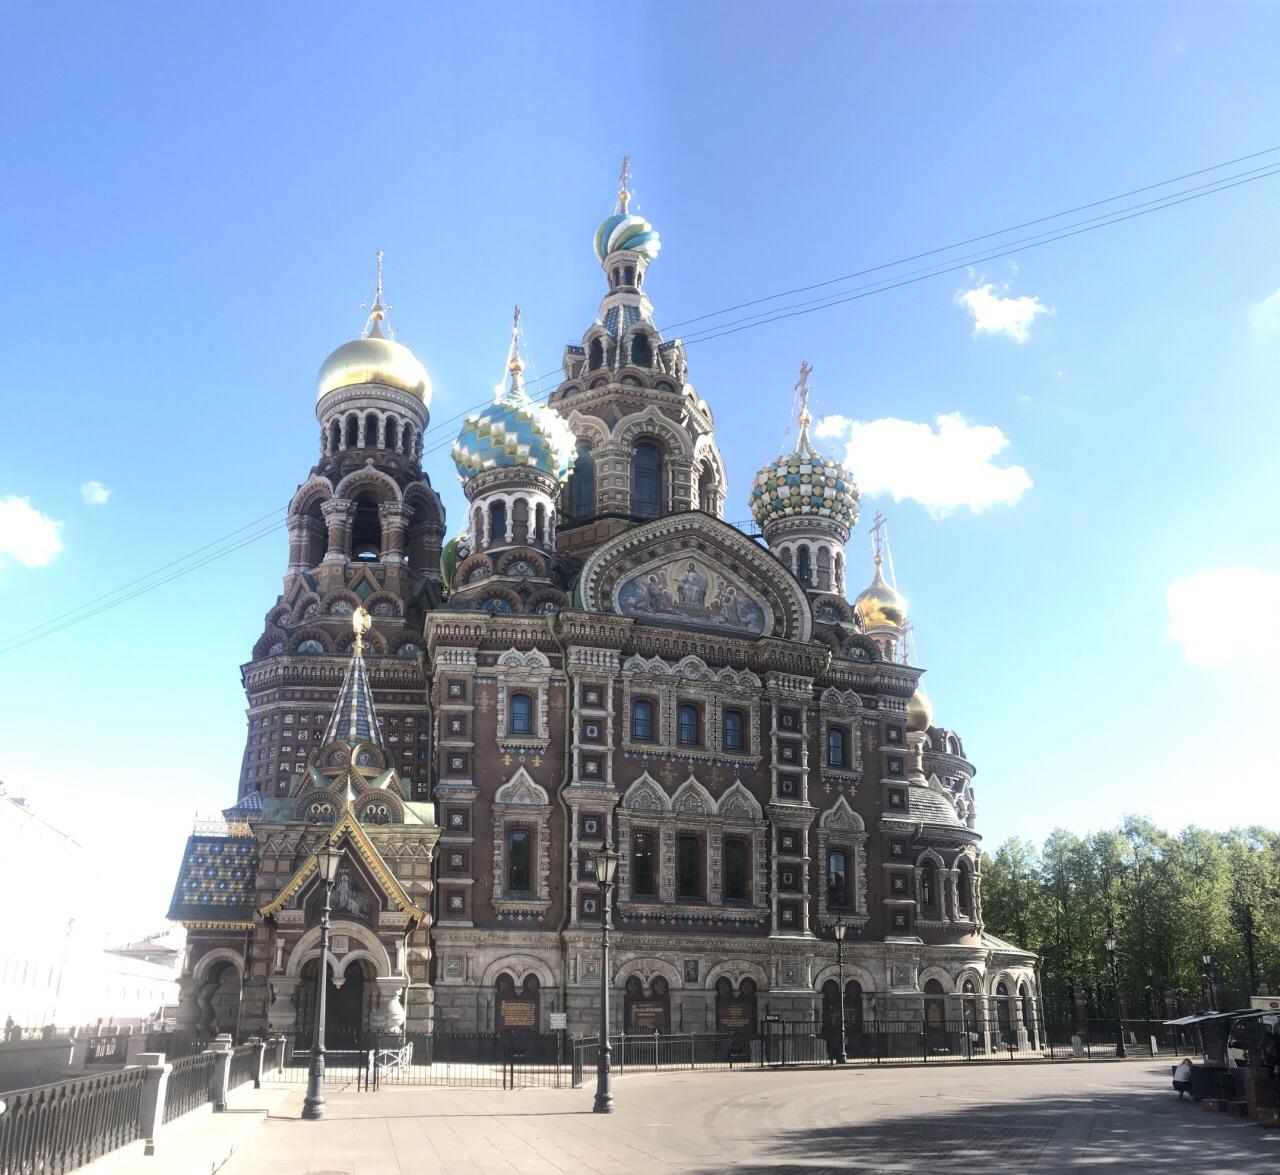 圣彼得堡滴血大教堂_圣彼得堡滴血大教堂攻略,圣彼得堡滴血大教堂门票/游玩攻略 ...